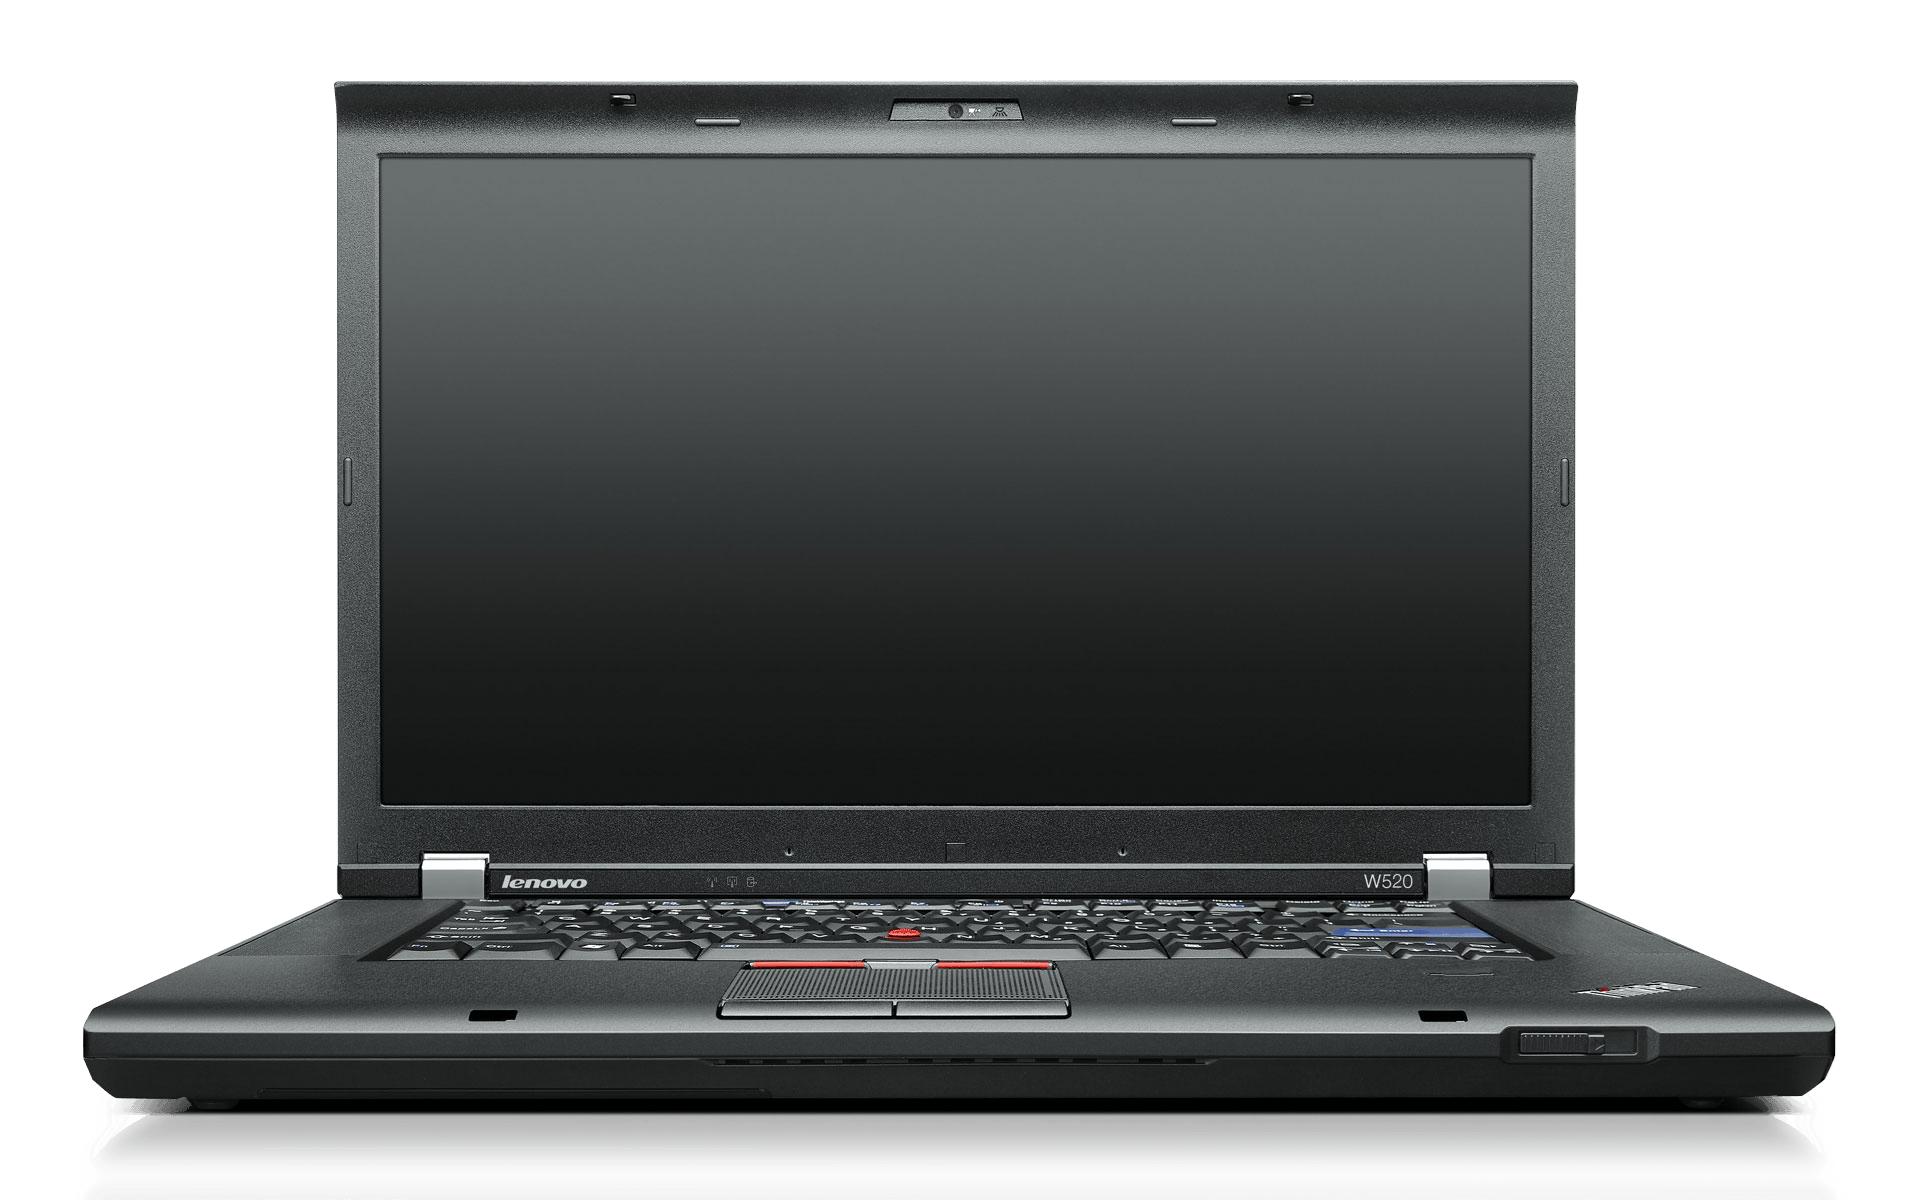 Lenovo thinkpad w520 fra lenovo på refurb